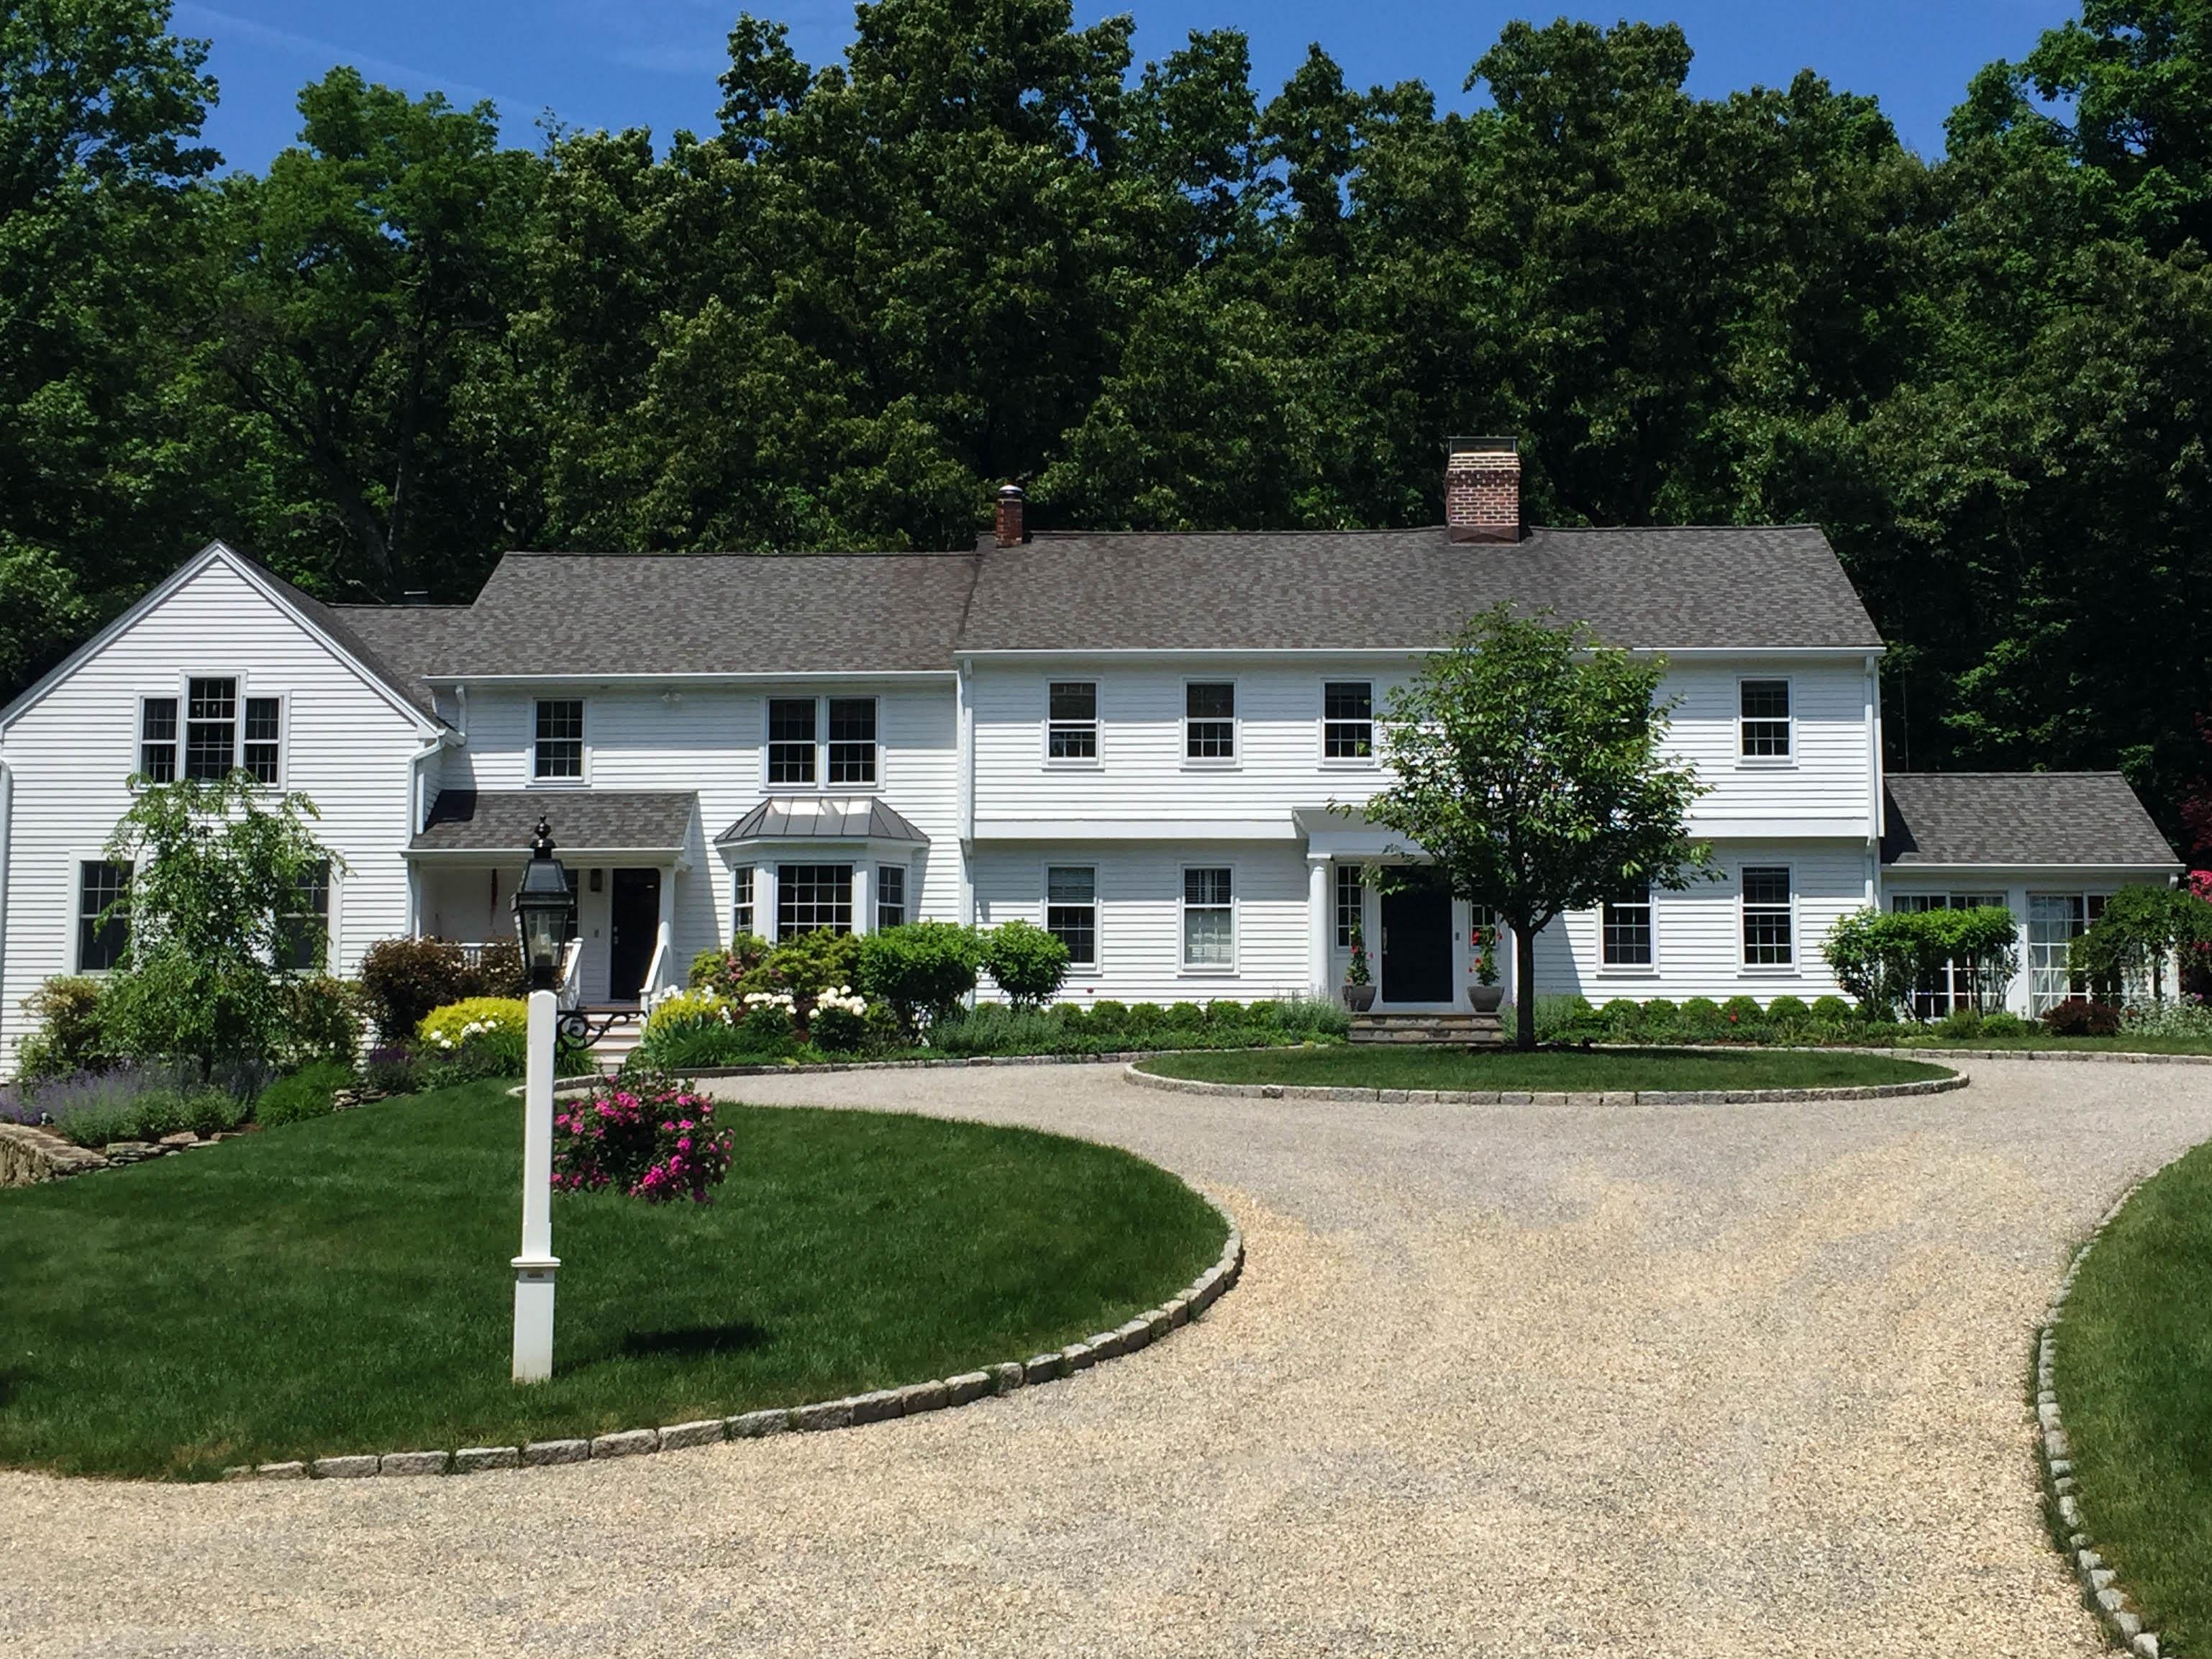 단독 가정 주택 용 매매 에 Exquisite Estate Home 124 Spectacle Lane Ridgefield, 코네티컷, 06877 미국